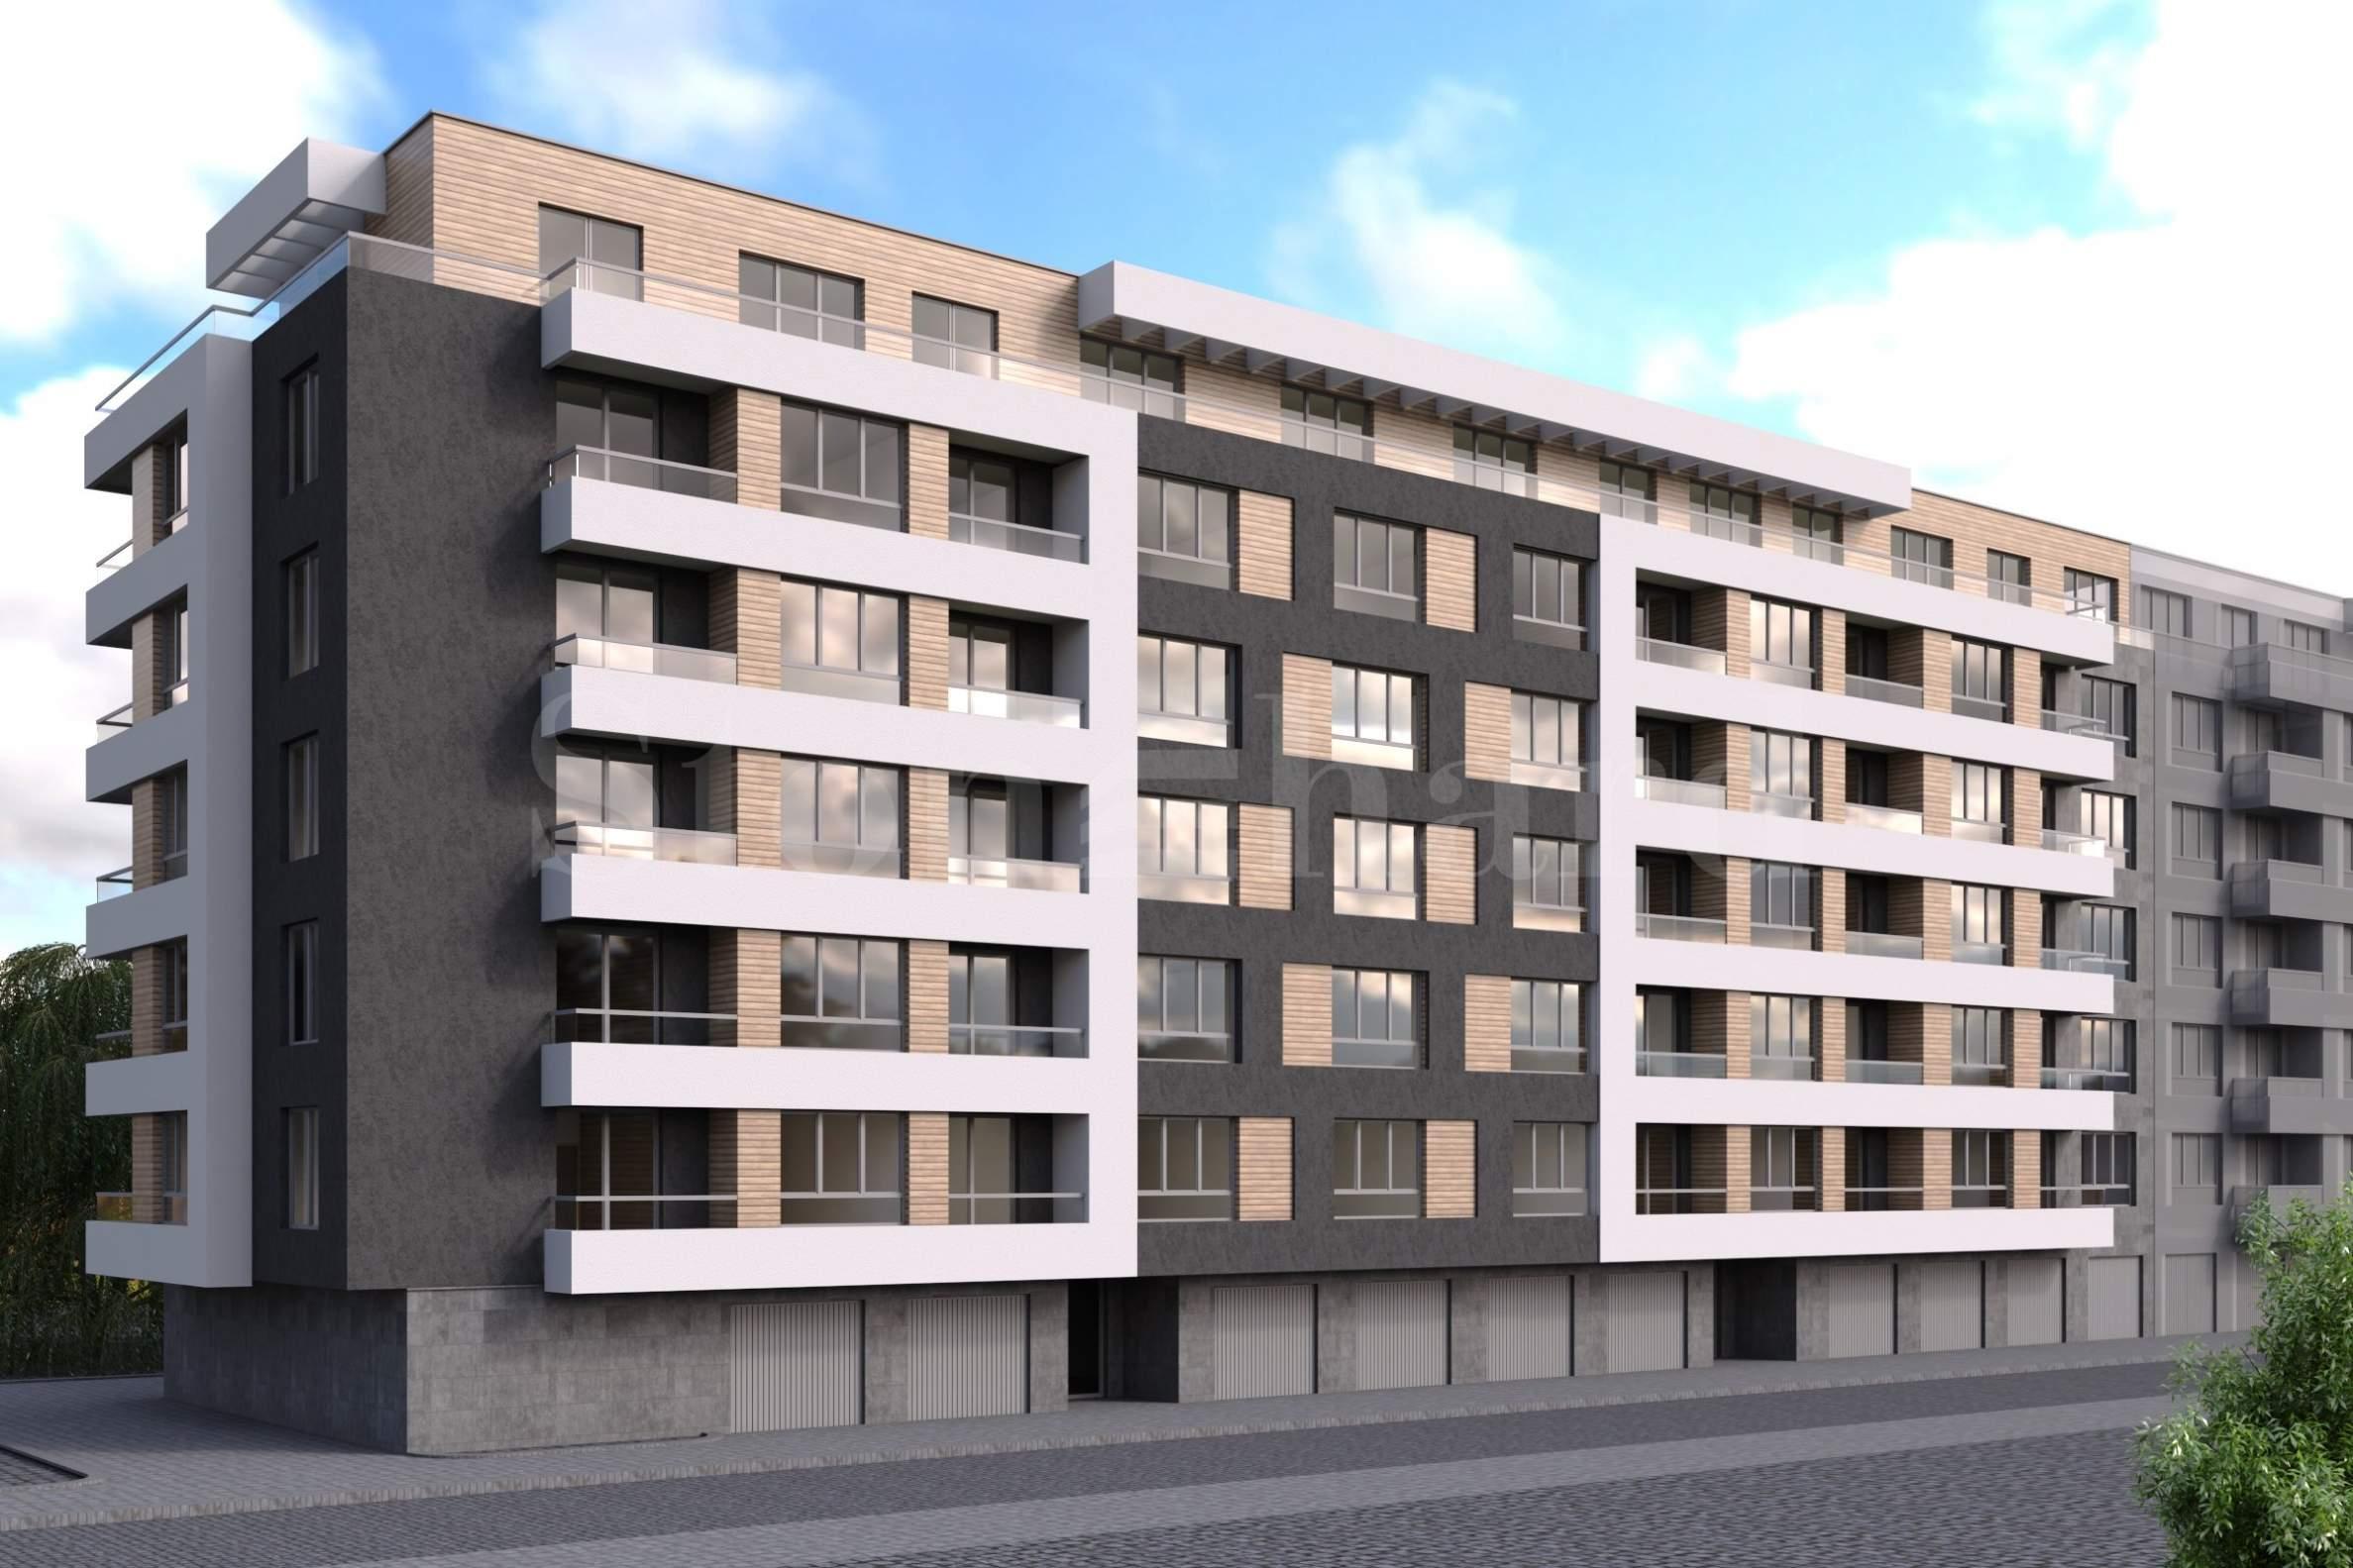 Апартаменти по БДС в кв. Света Троица1 - Stonehard